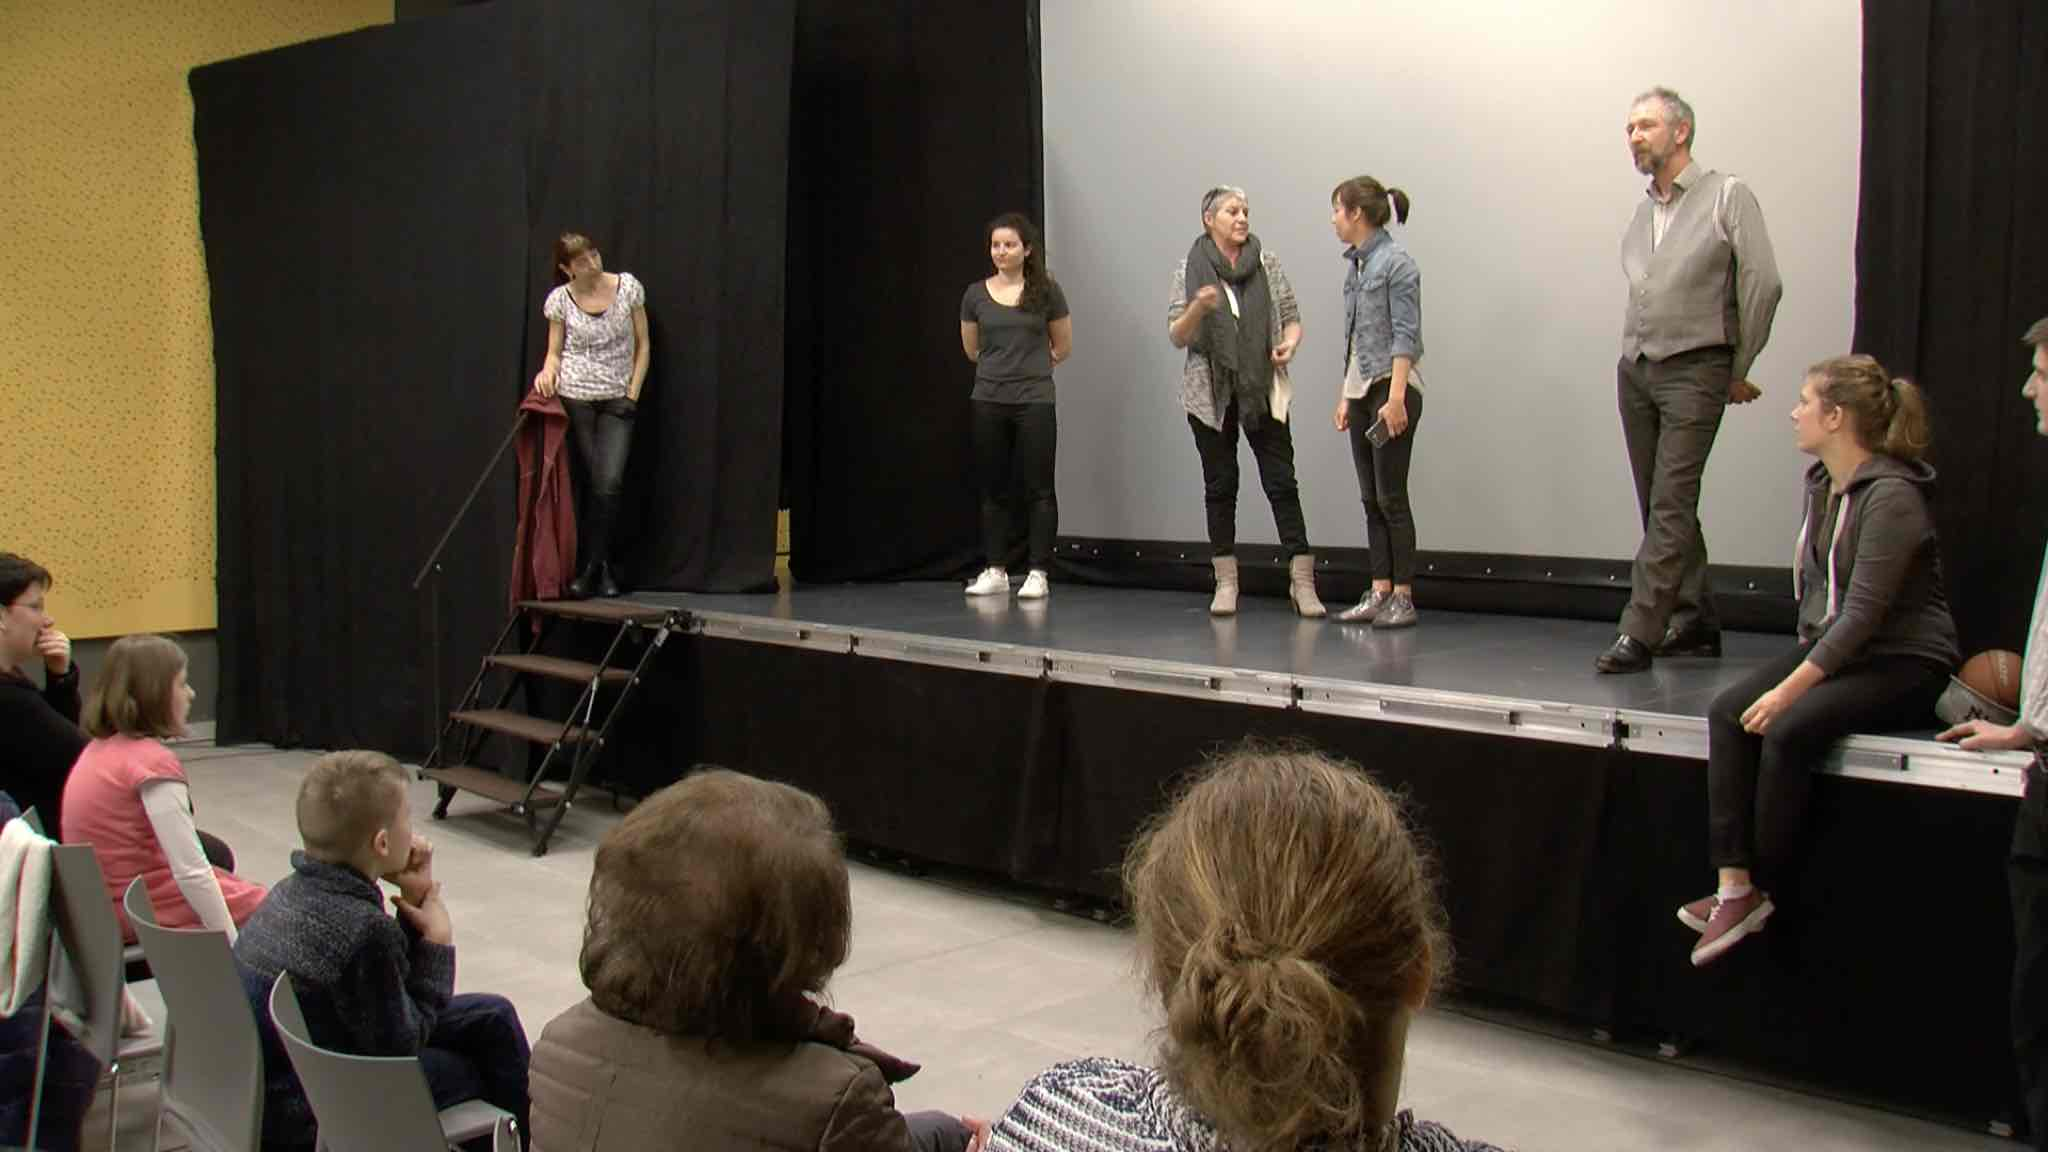 Des solutions au (cyber)harcèlement sur les planches d'un théâtre action.